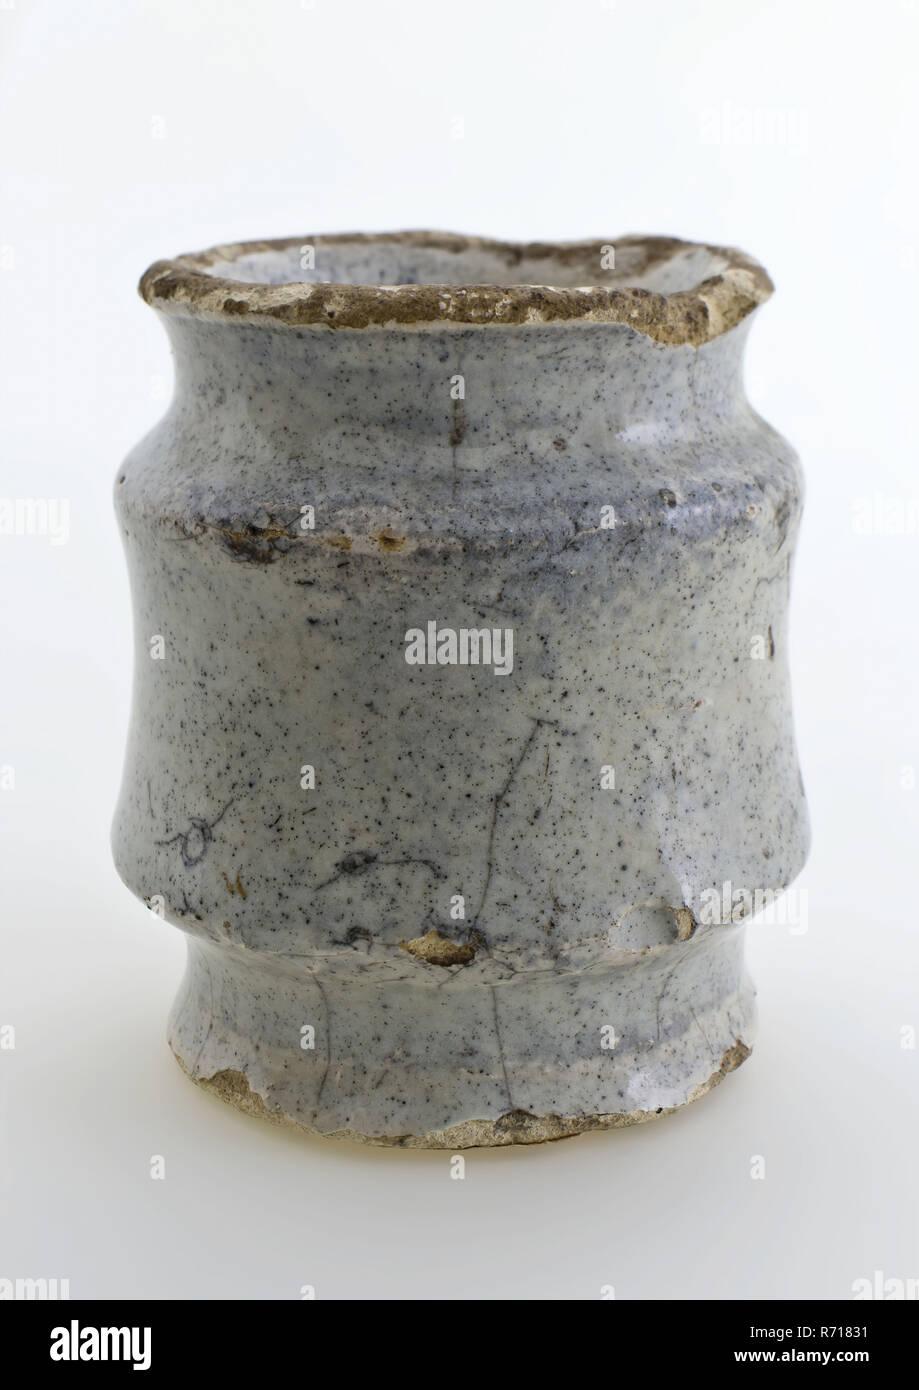 Couleur Porte Interieur Blanc Gris pot d'onguent de poterie, modèle haut entièrement vitrée, en